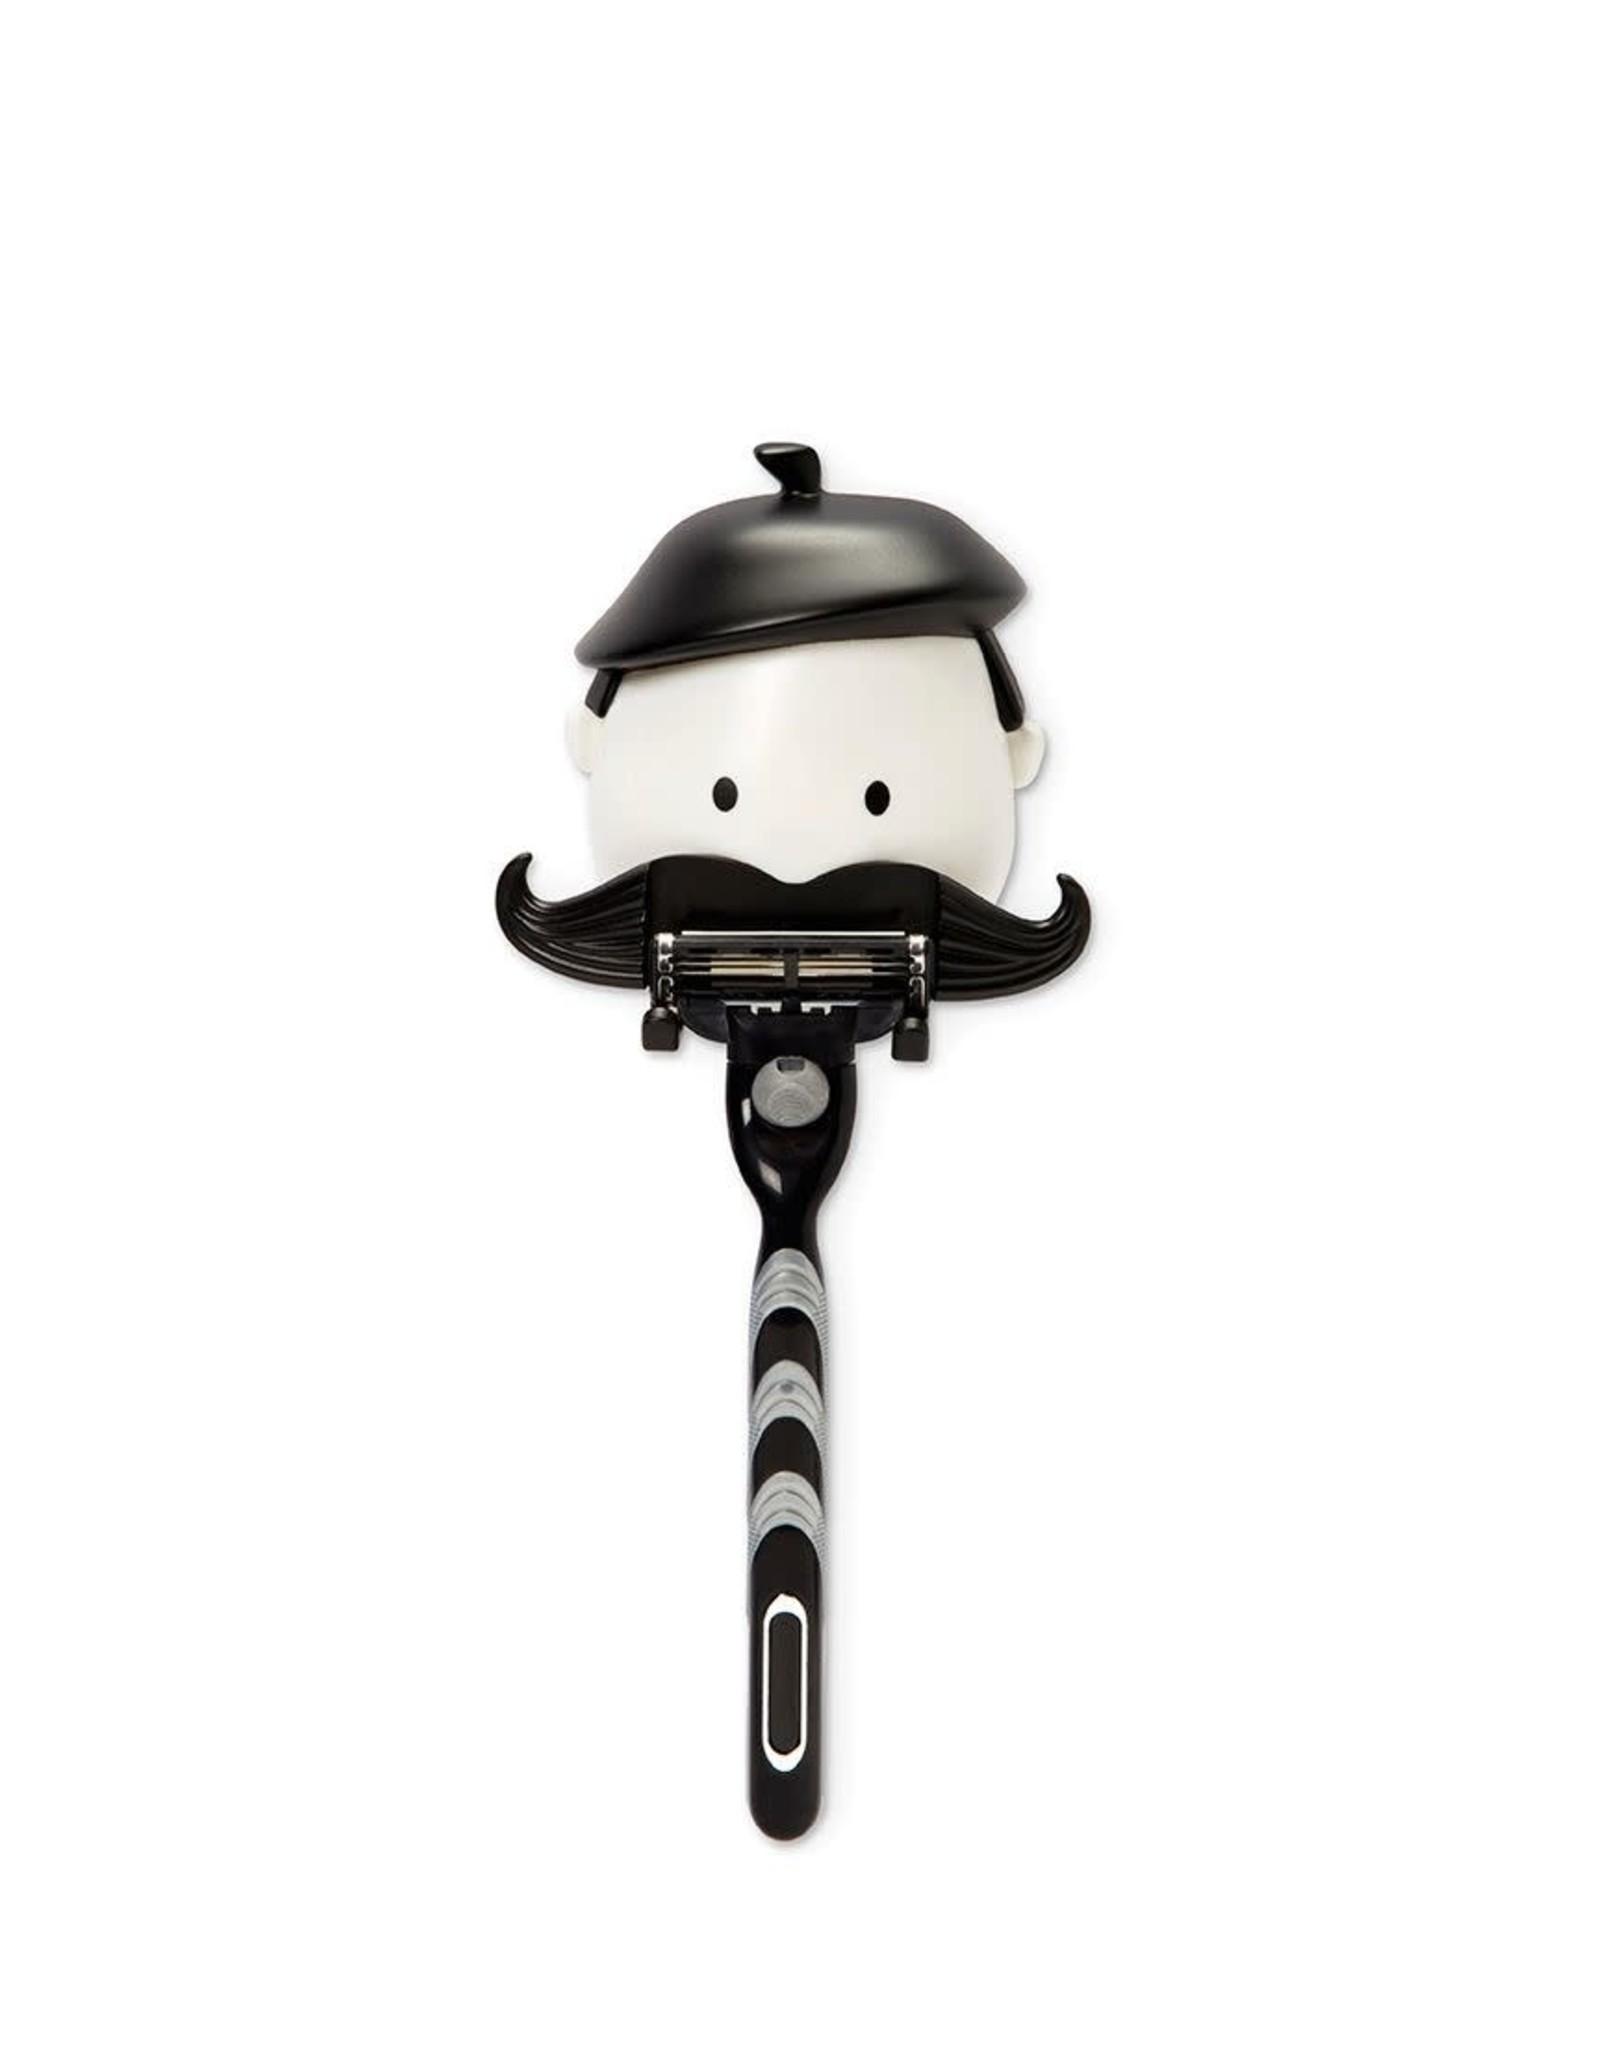 Peleg Design holder for your shavers - mr. razor